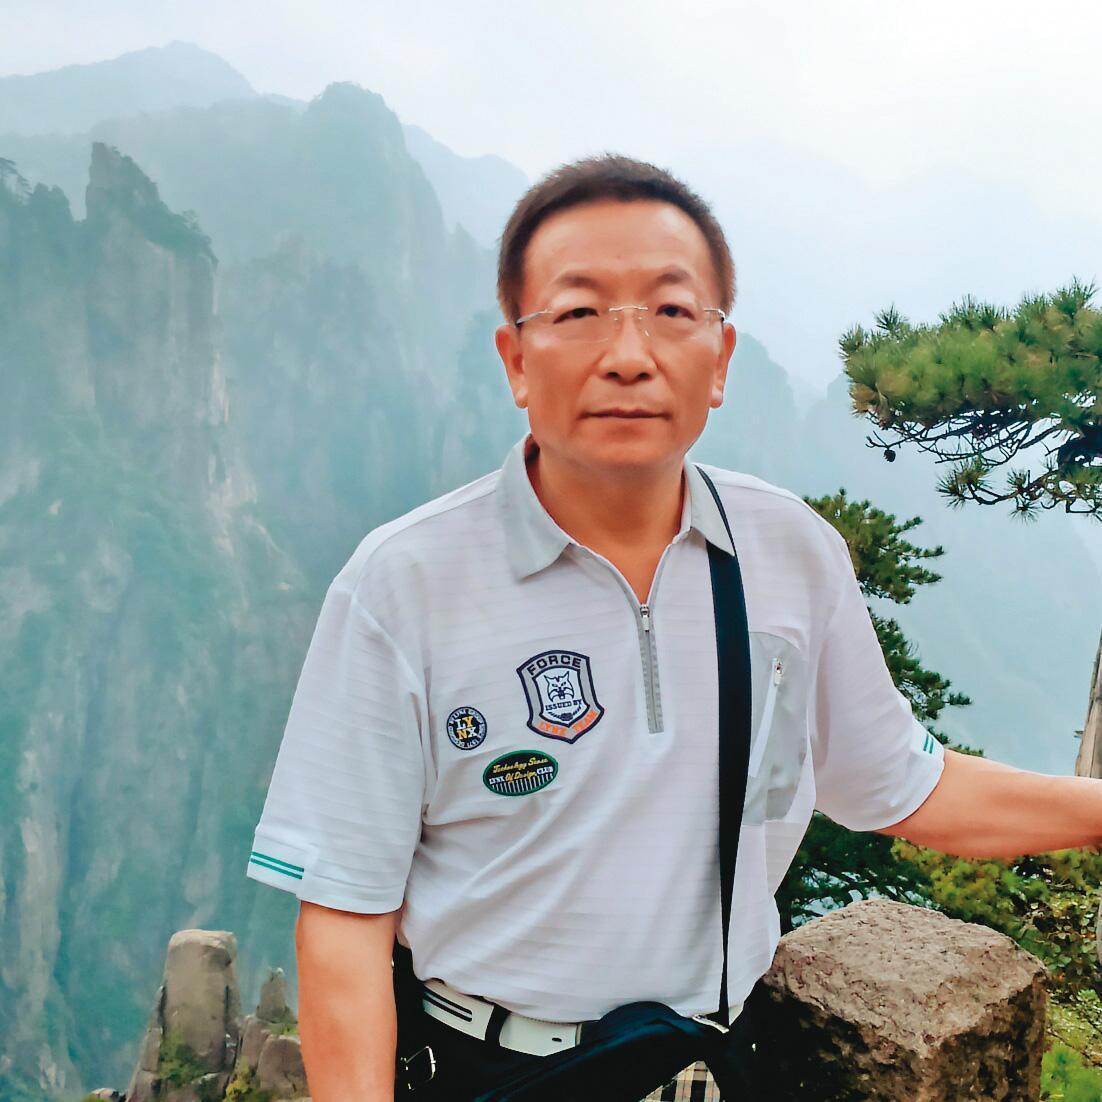 涉貪遭逮的吳健榮60歲辦退休,8個月後回任市府當機要,卻爆出收賄案。(翻攝臉書)